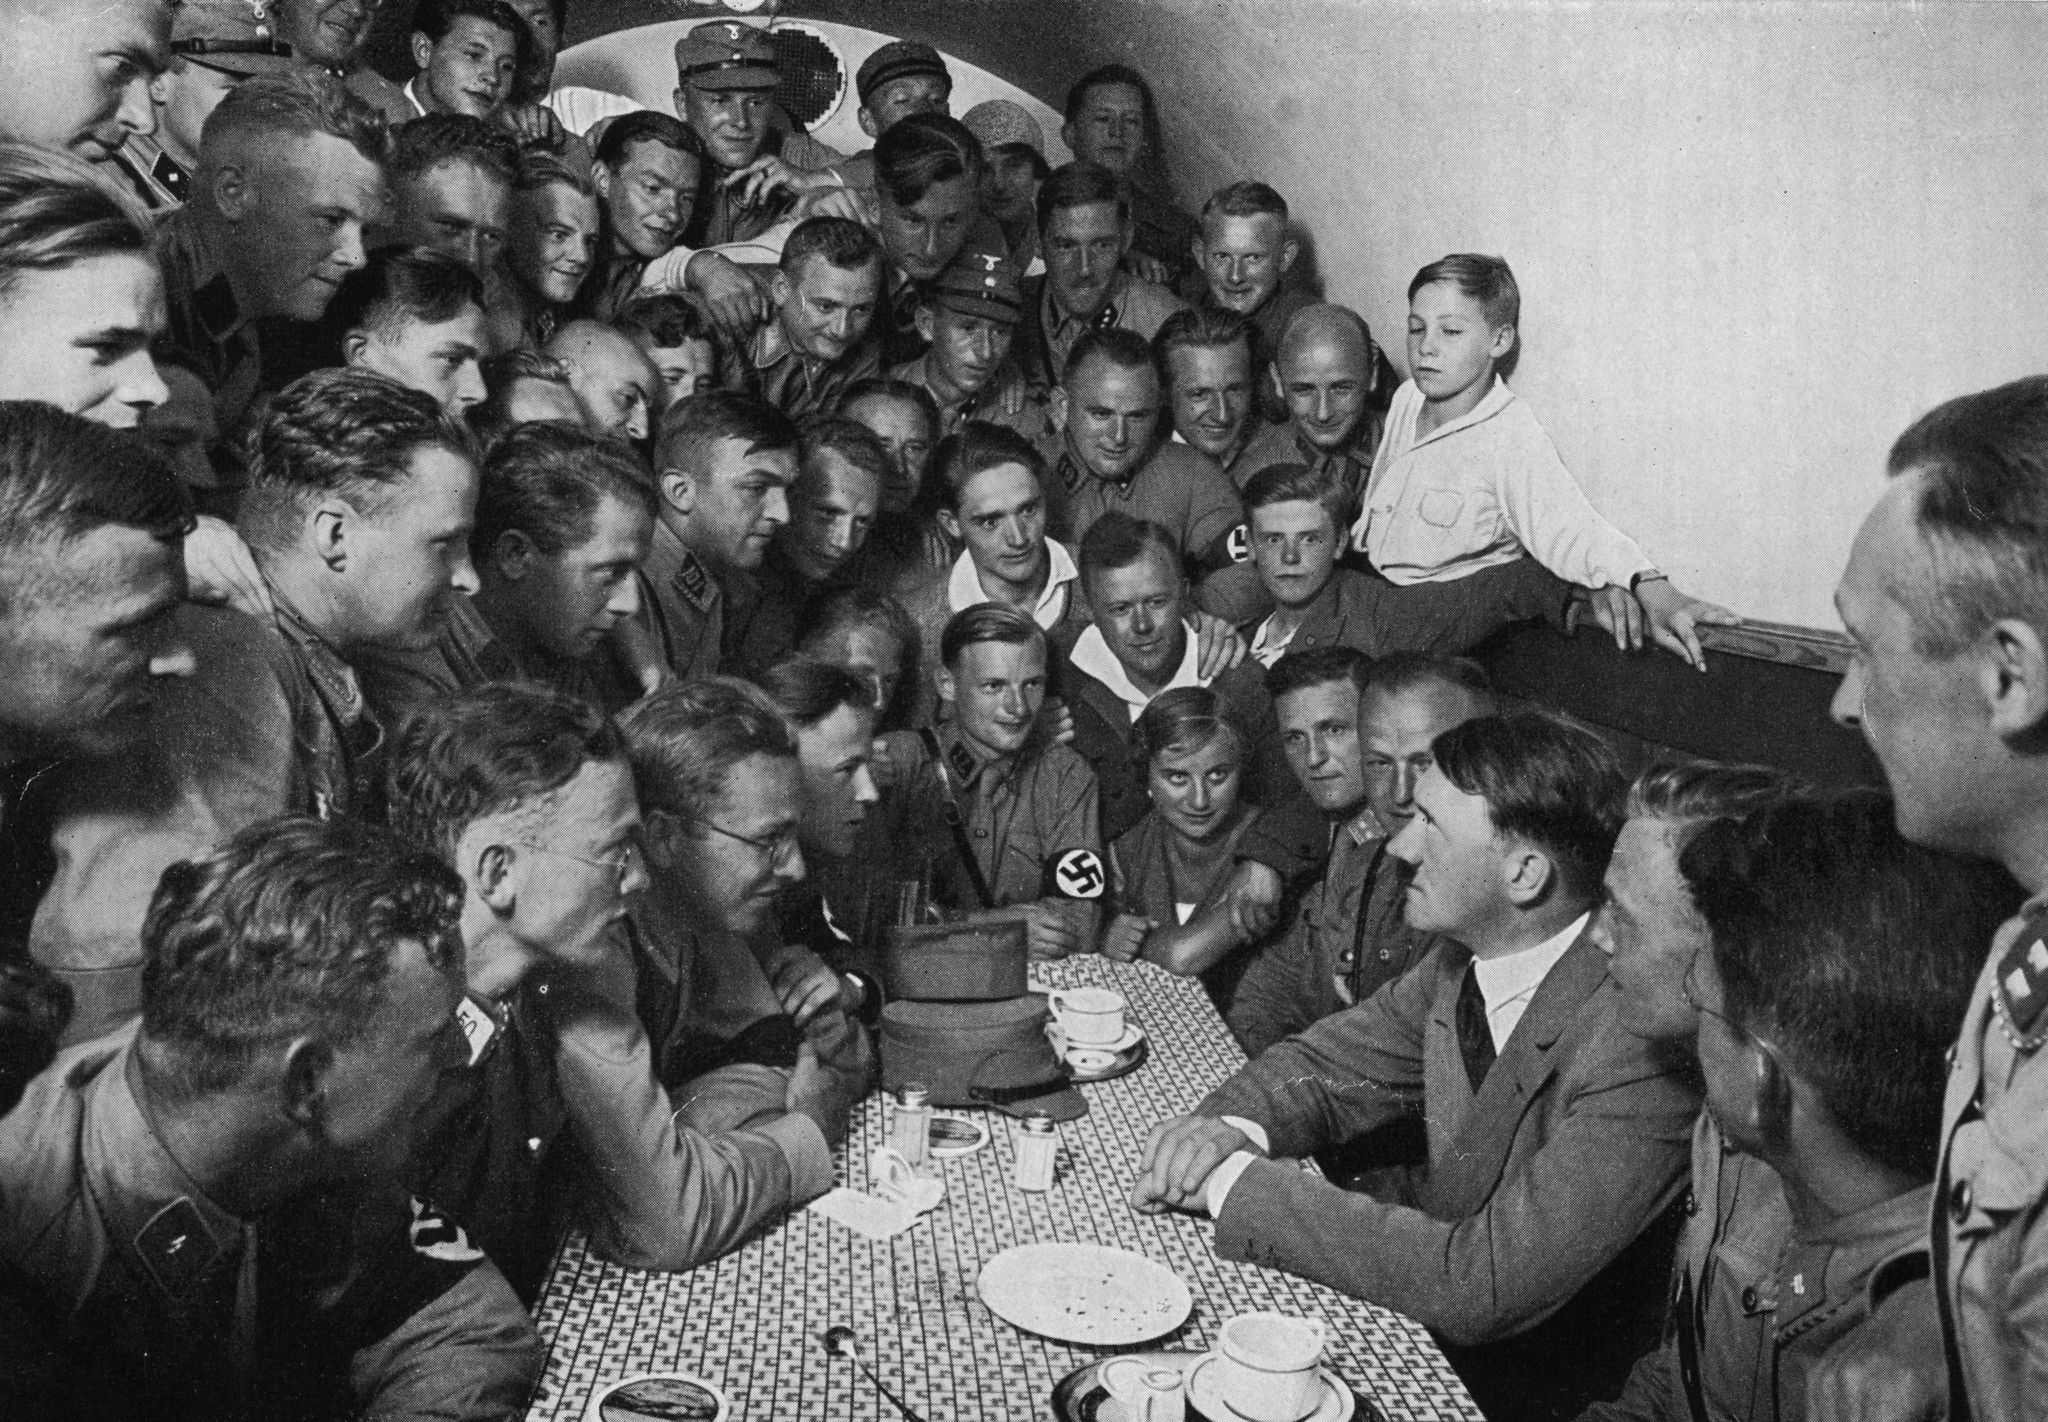 1935. Адольф Гитлер сидит за столом перед группой молодых национал-социалистов в маленькой комнате в «Коричневом доме» (штаб-квартира НСДАП), Мюнхен